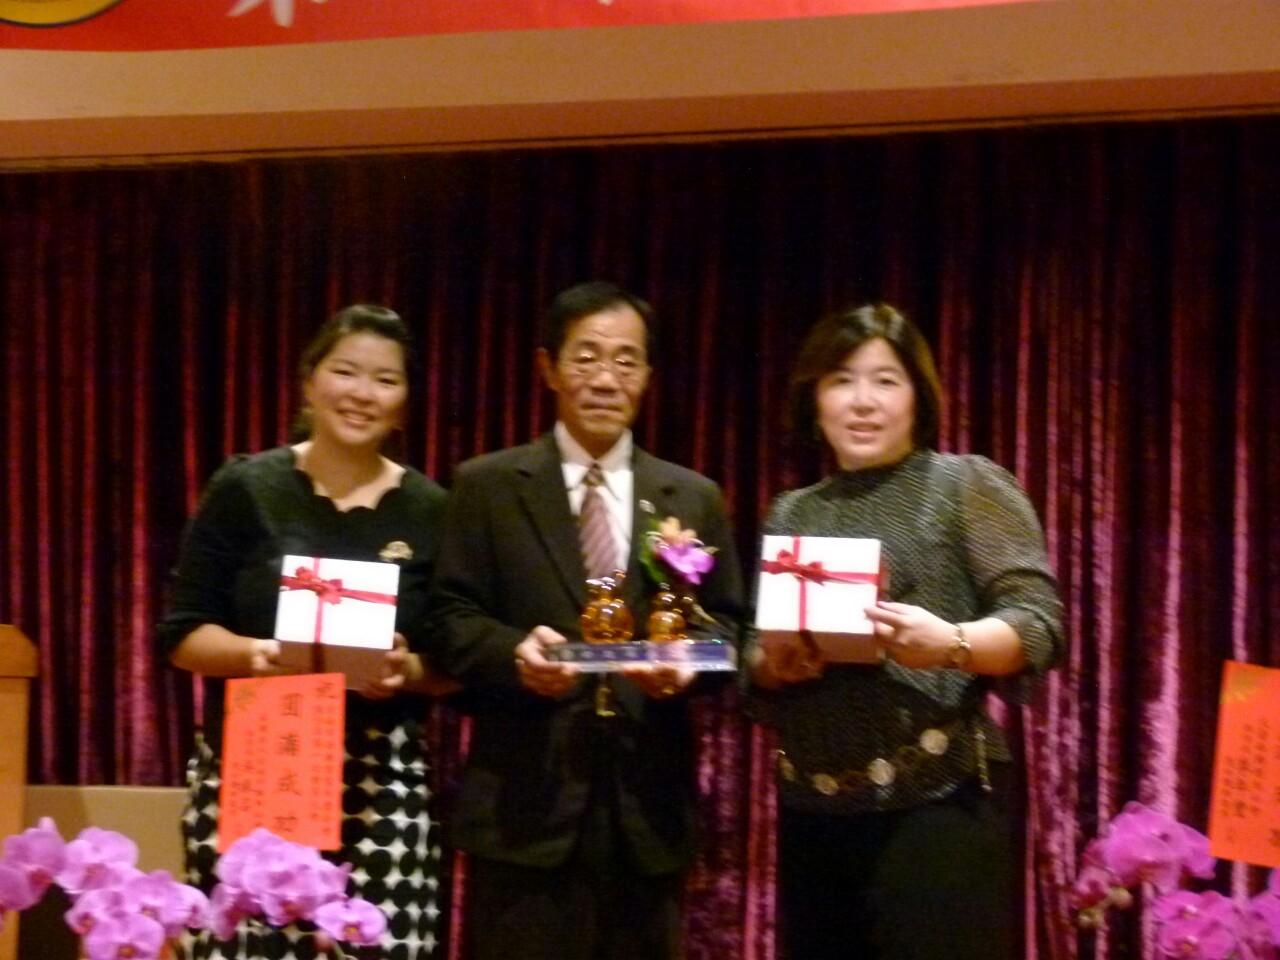 台南市西藥商業同業公會第29屆第一次會員大會_200114_0175